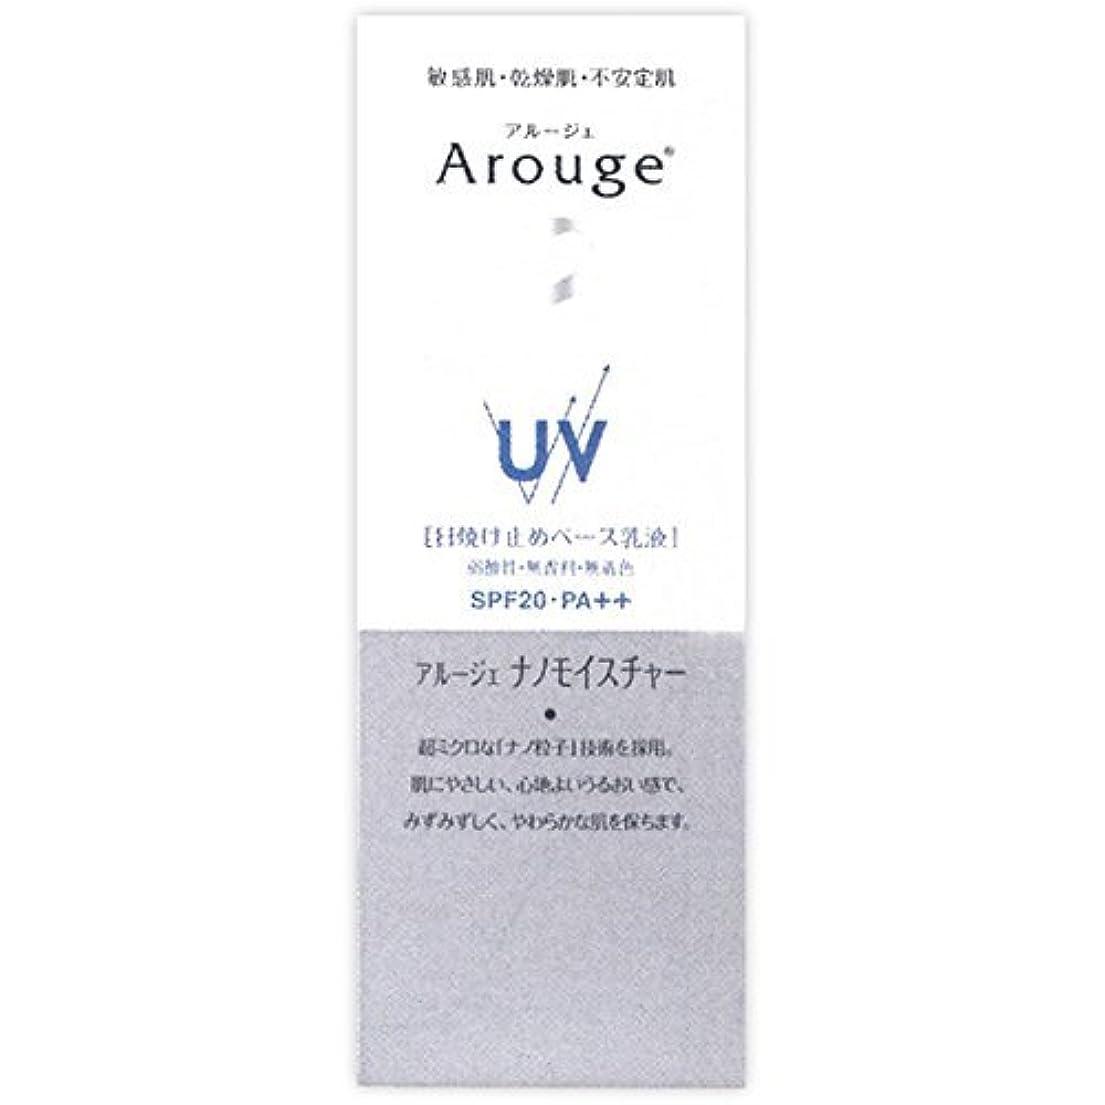 ペルメル人質不透明なアルージェ UV モイストビューティーアップ日焼け止めベース乳液25g (SPF20?PA++)